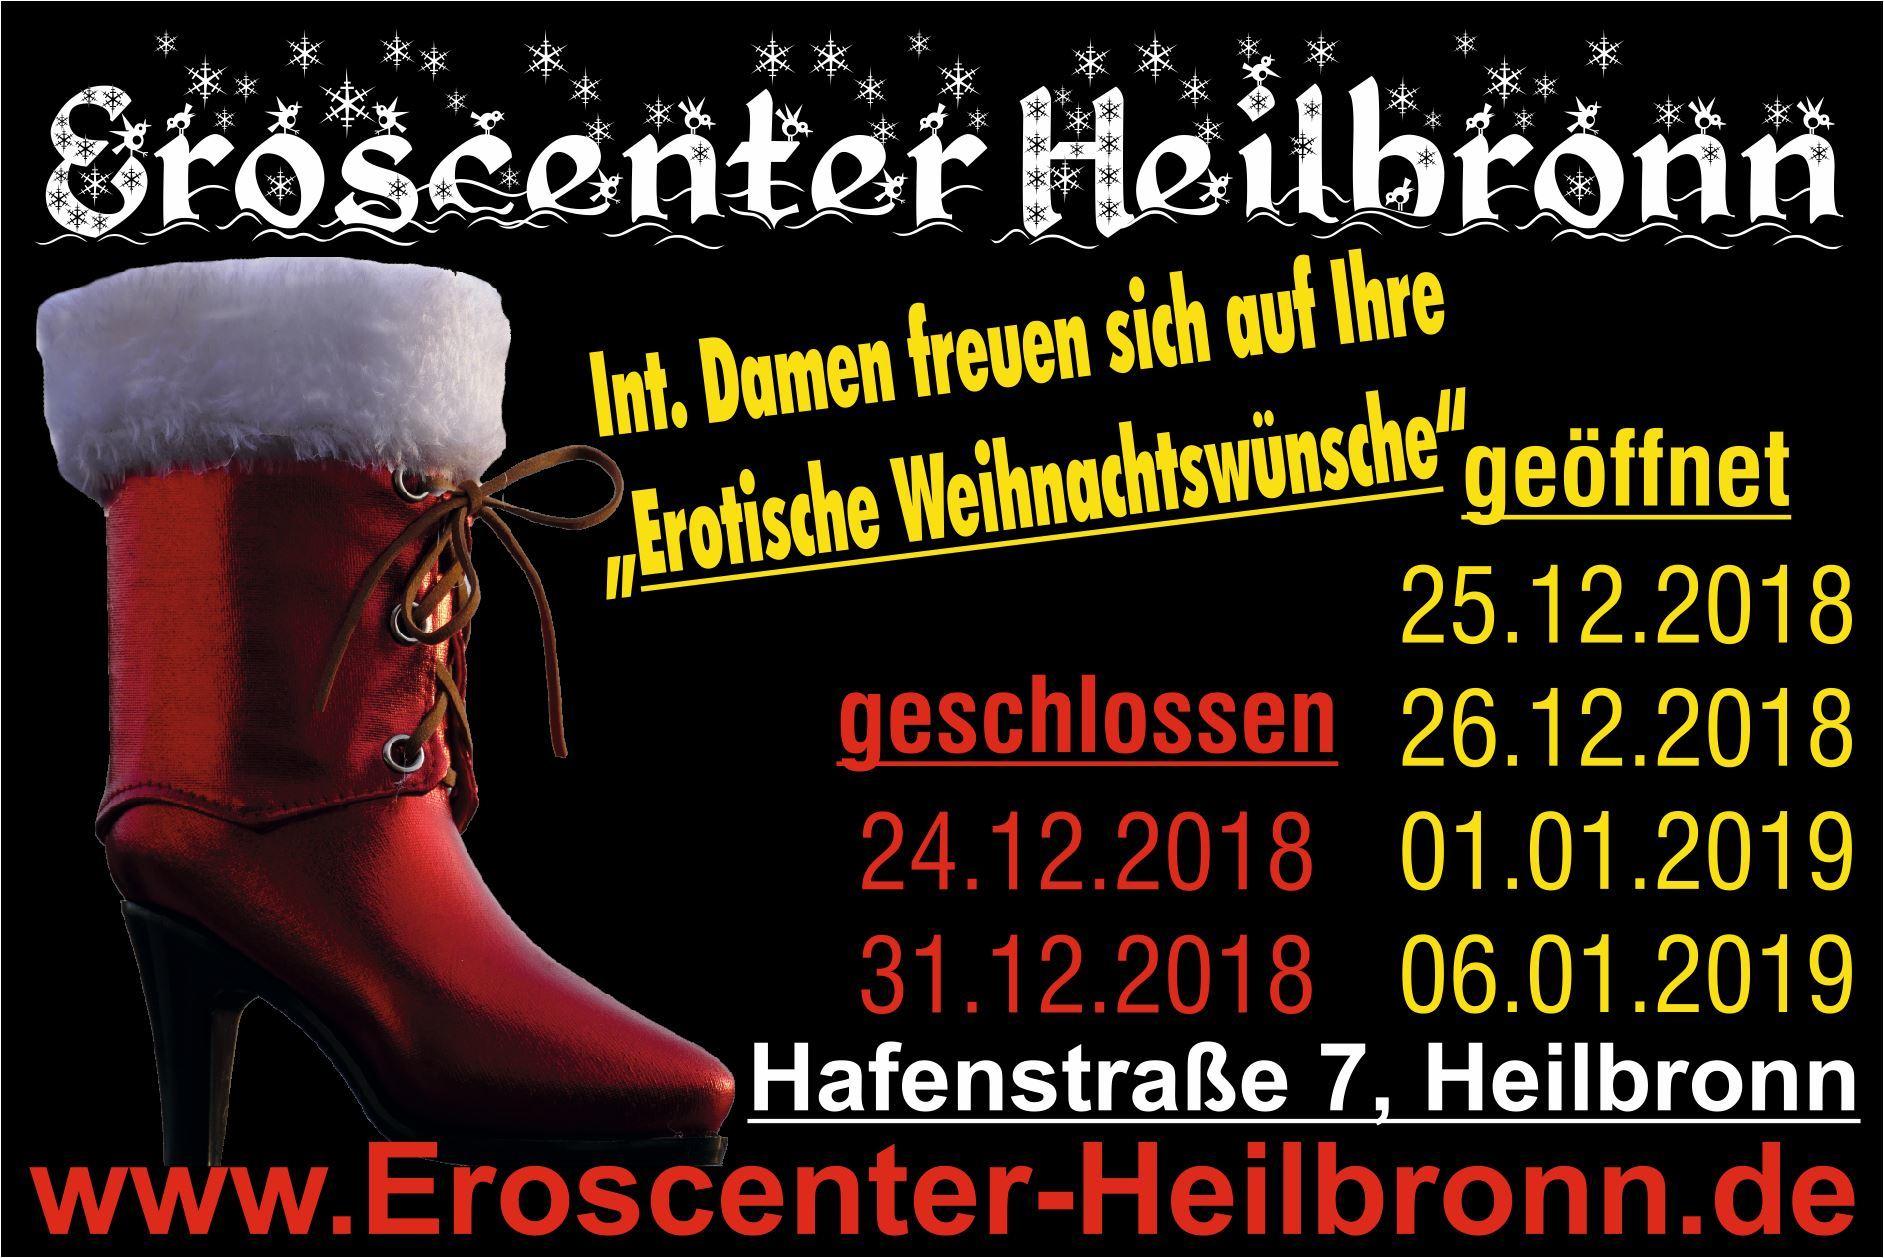 Eros Center Heilbronn